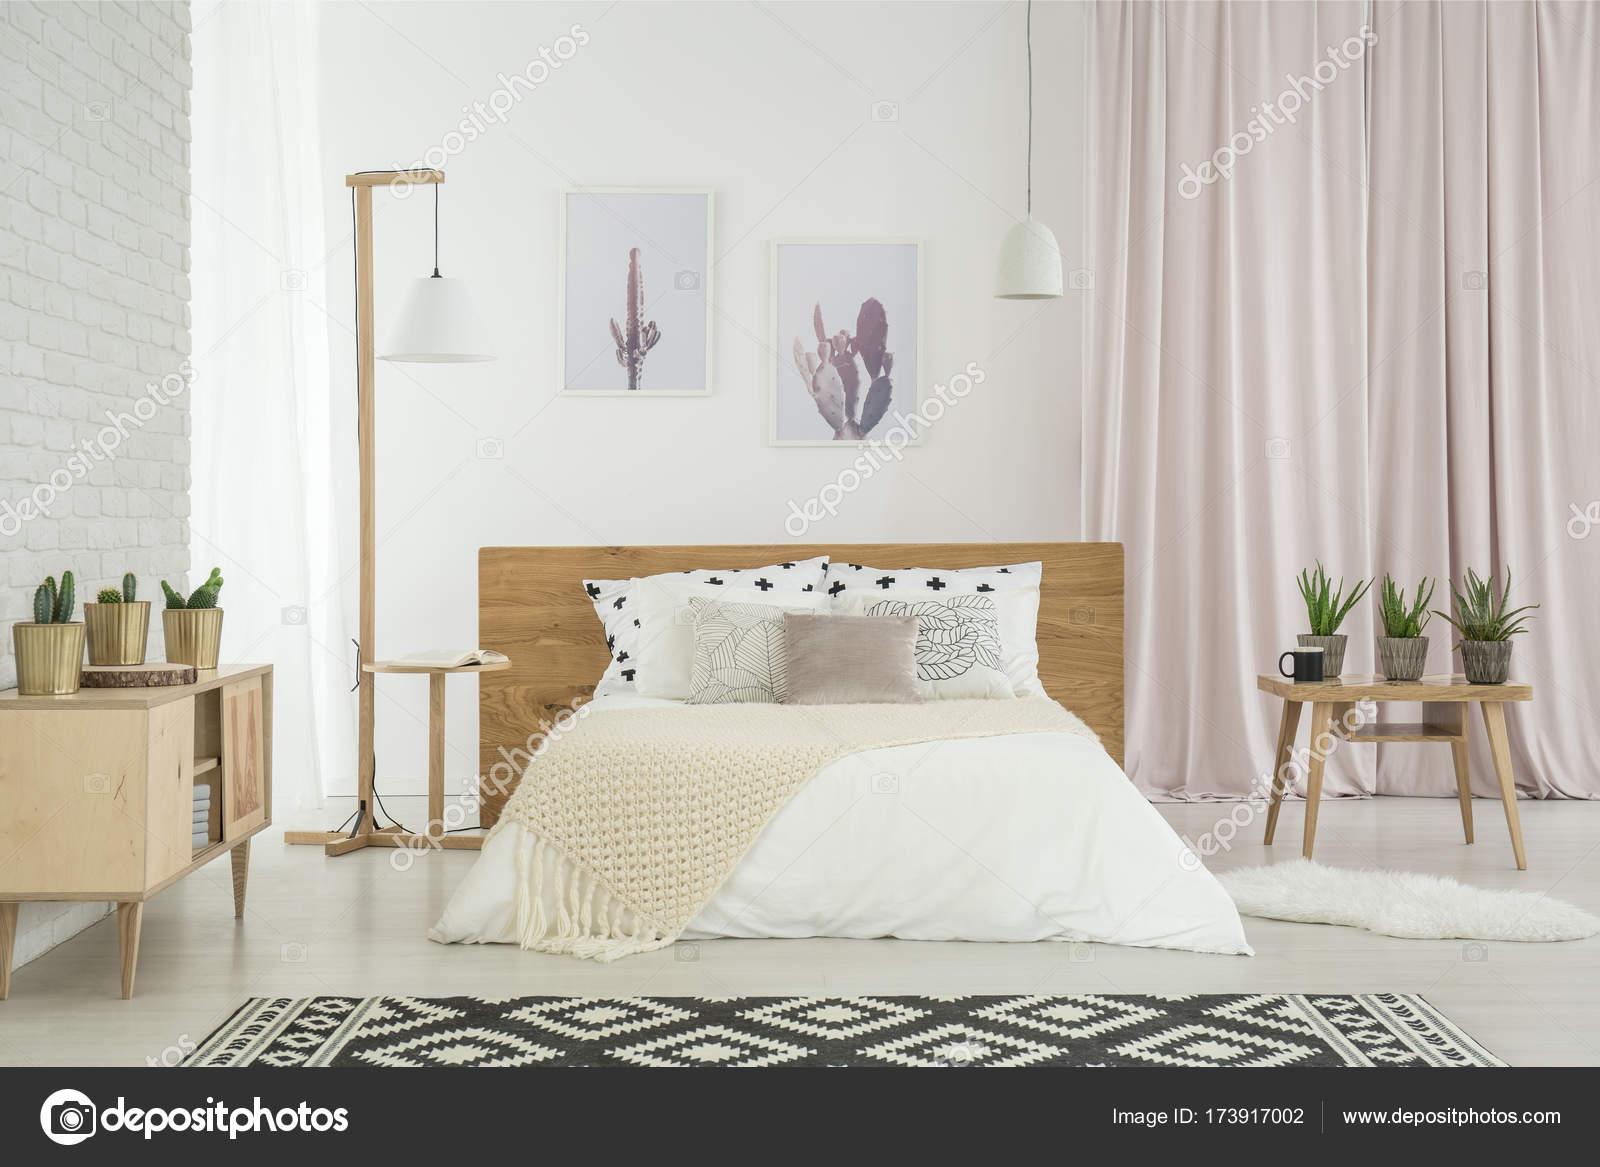 Schon Hellen Feminine Schlafzimmer Mit Kaktus Motiv Und Kingsize Bett Mit Kissen  U2014 Foto Von Photographee.eu